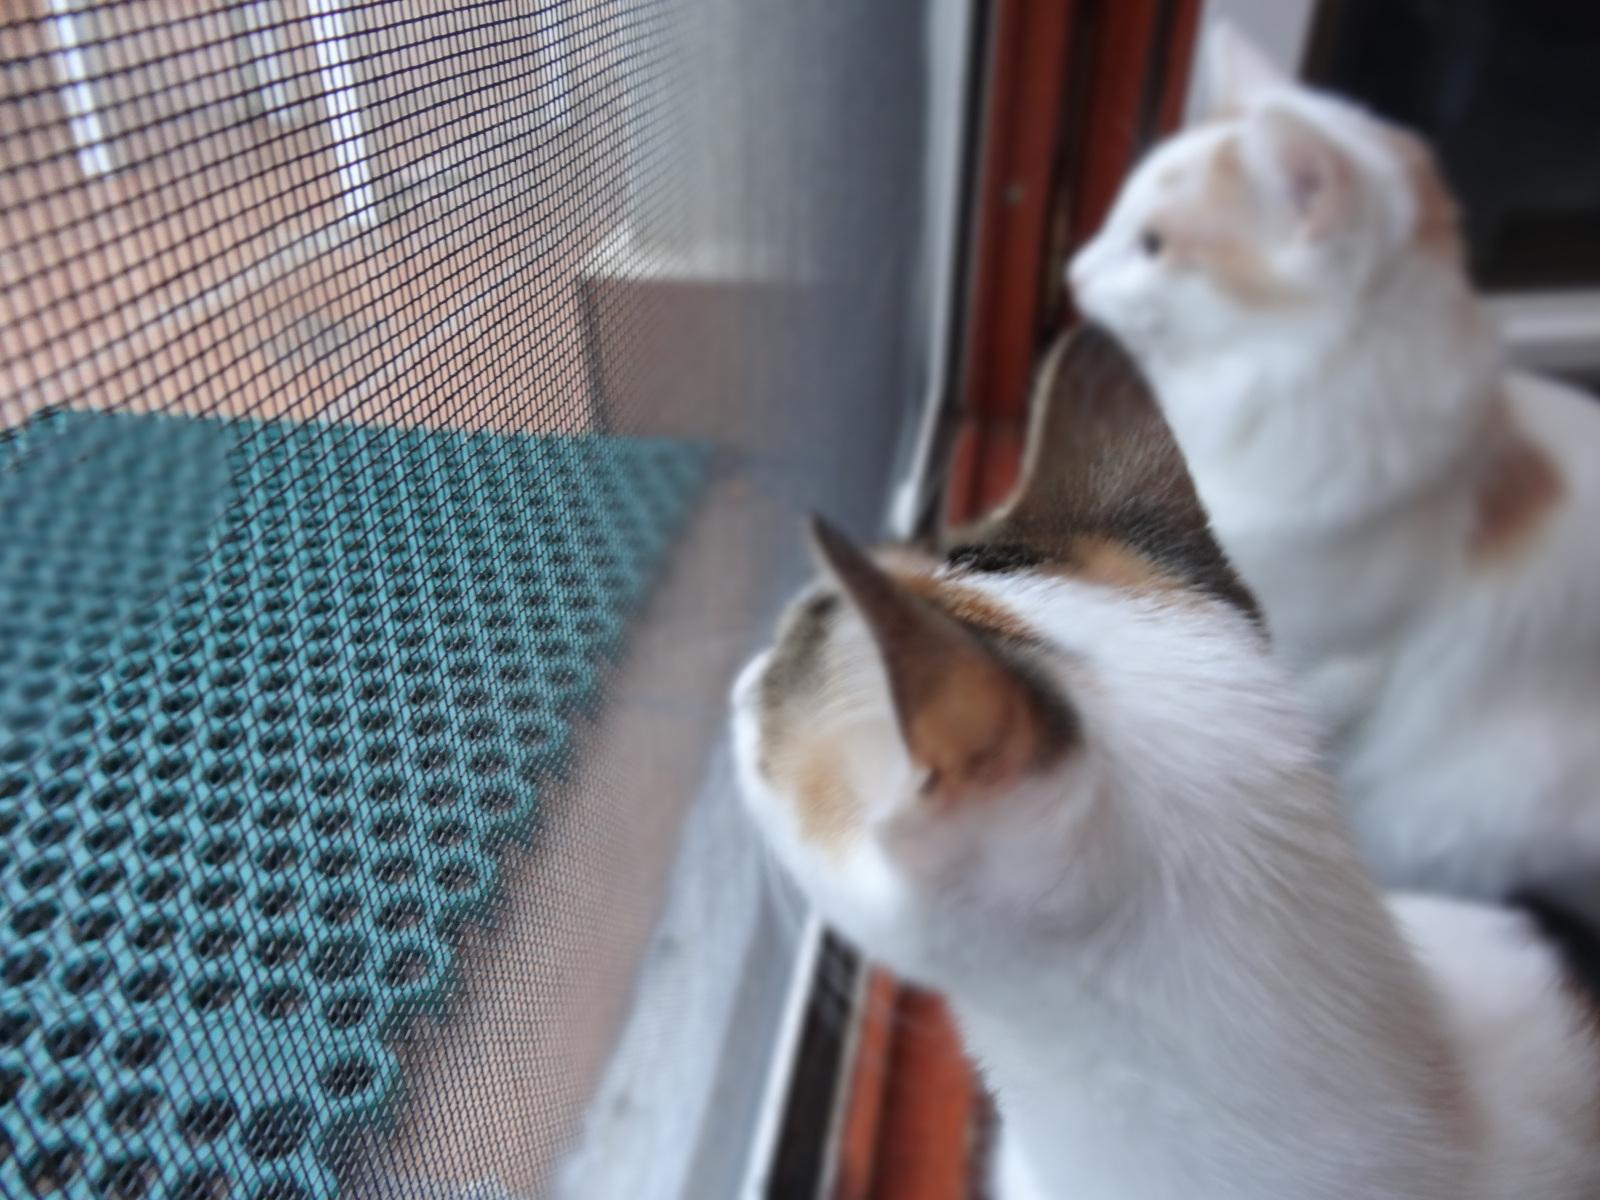 redes - Mosquiteras y redes para las ventanas y cómo proteger a nuestros gatos - Página 10 2wm2a7l